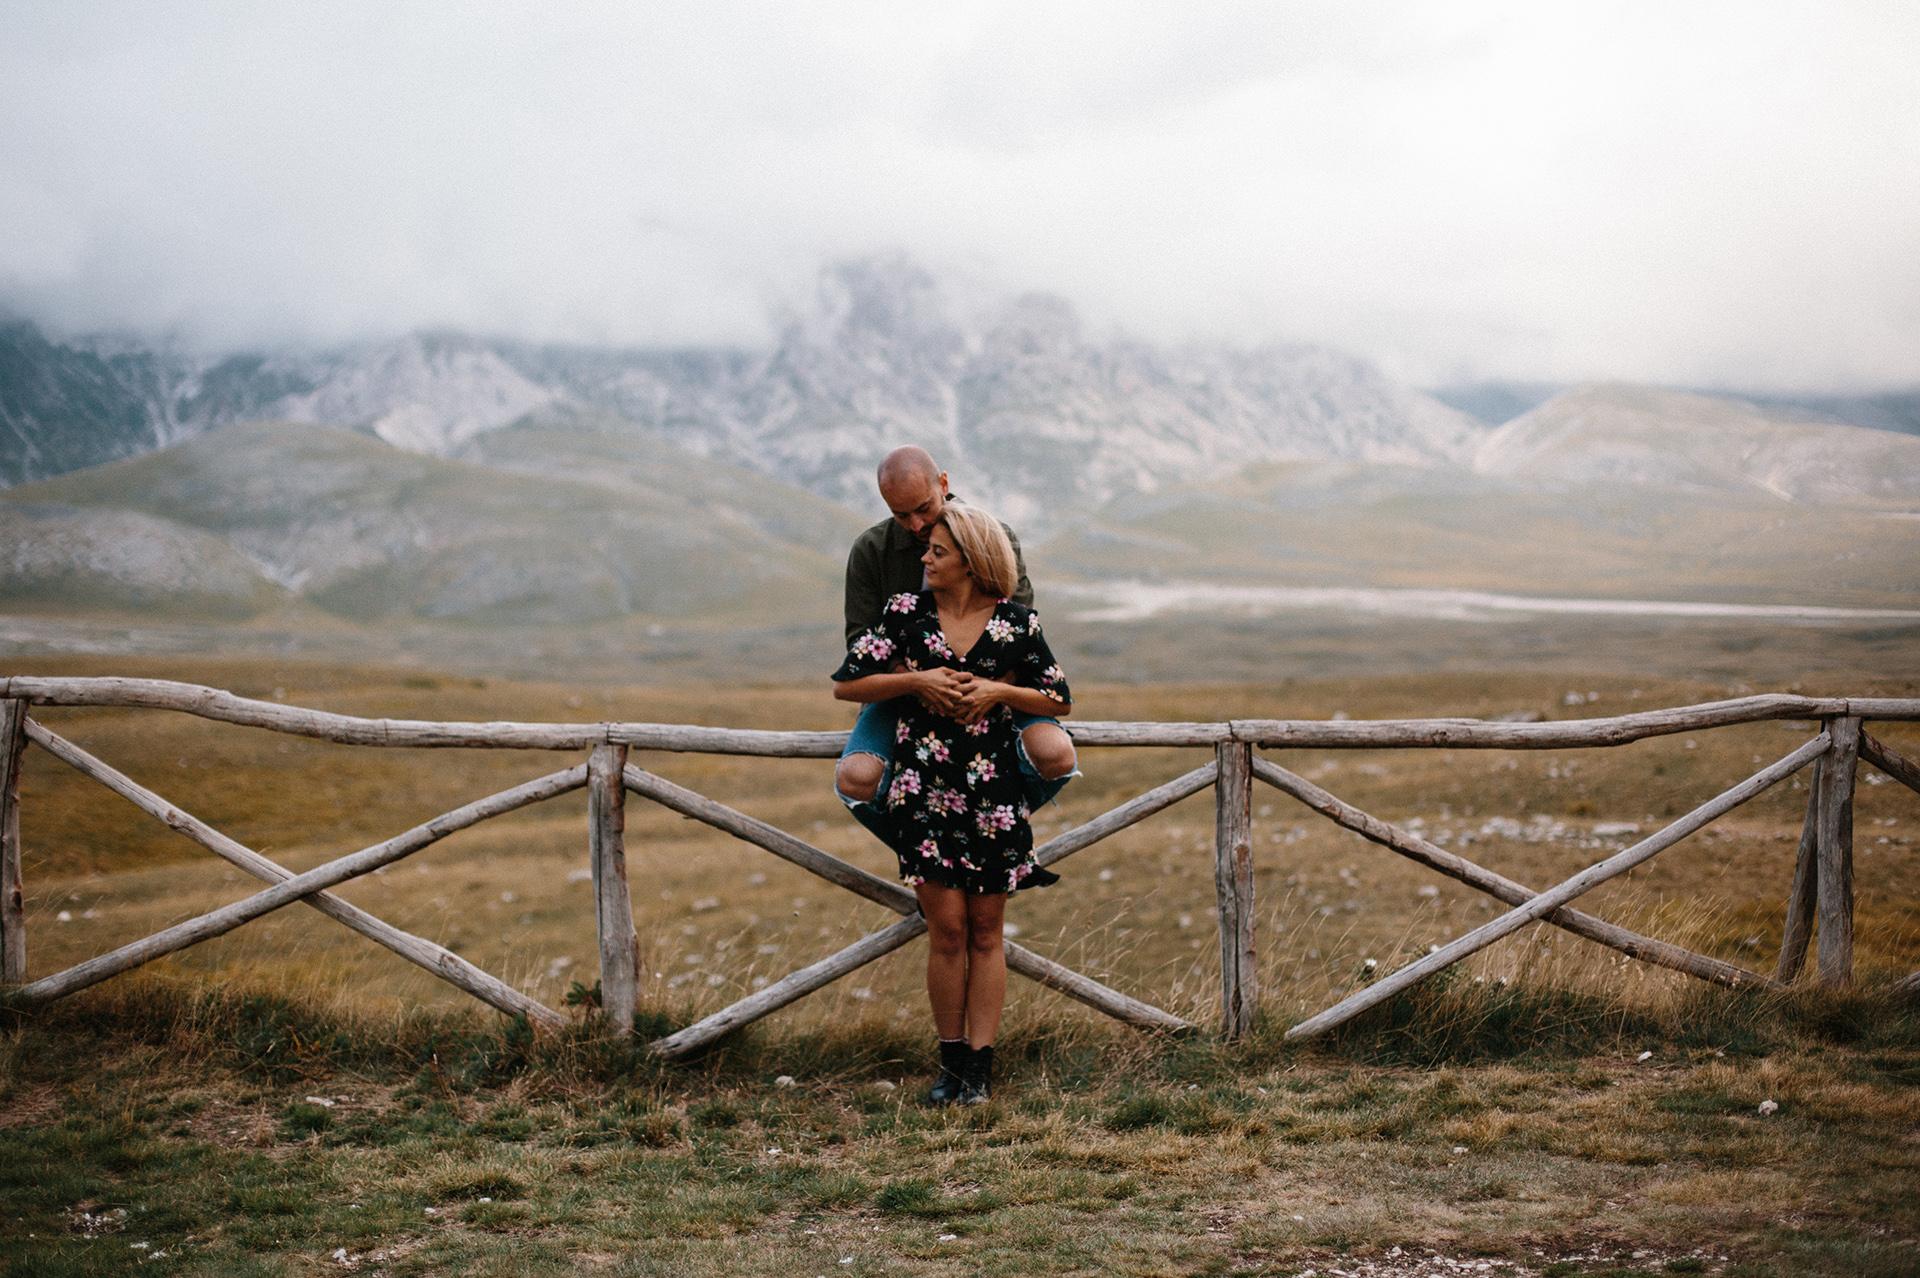 coppia seduta su una staccionata in montagna